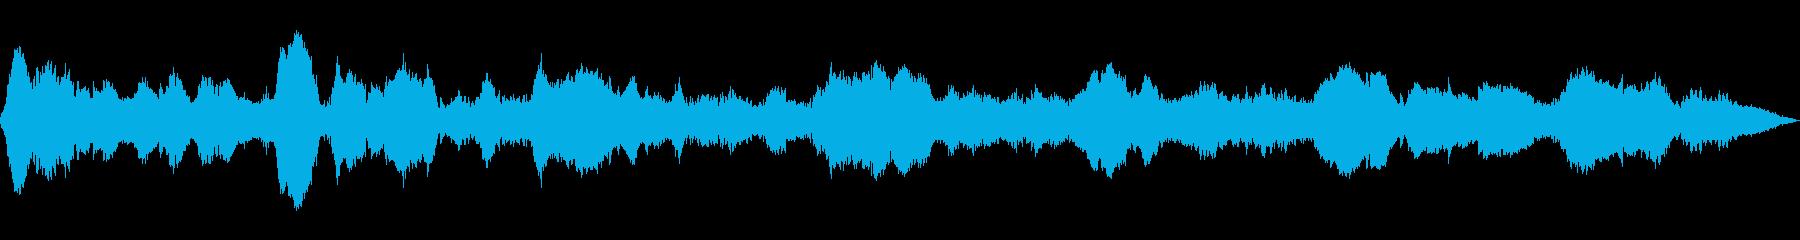 クレイジーウィニングスタティックの再生済みの波形